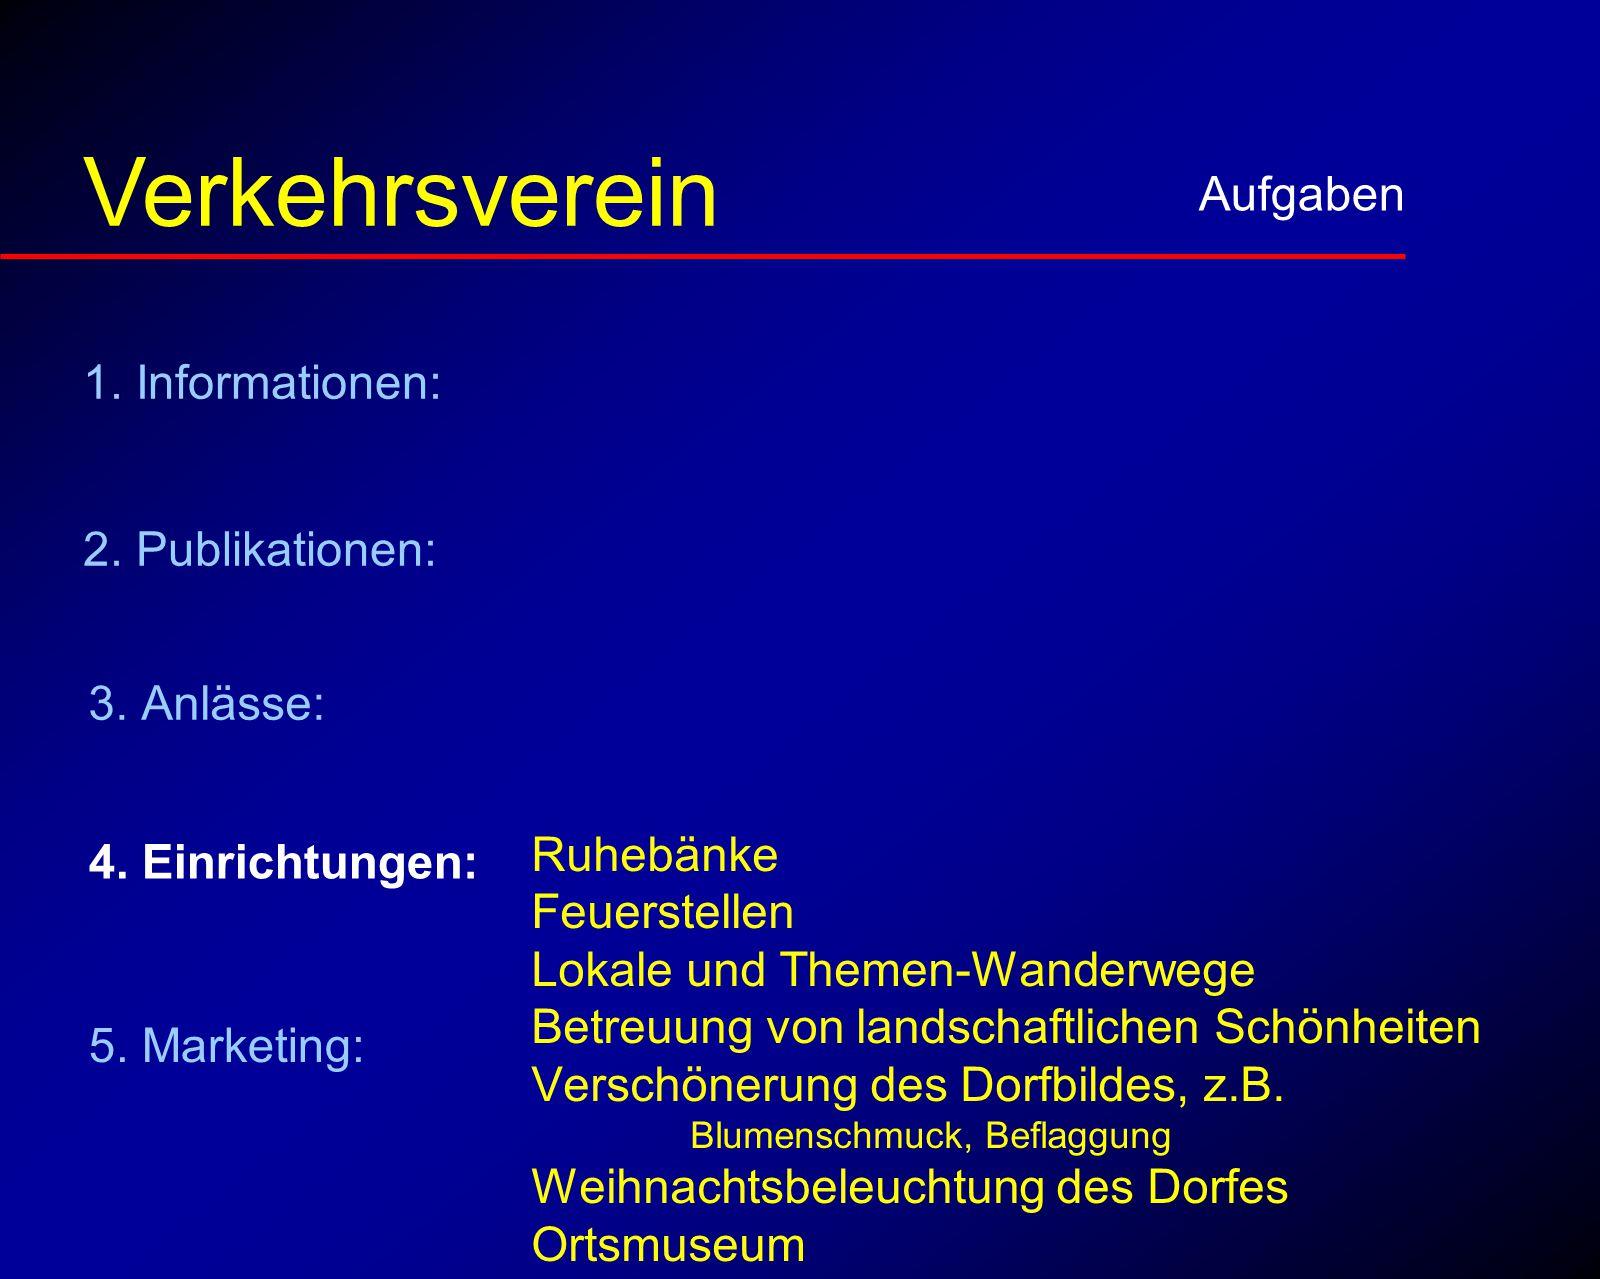 Einrichtungen Aufgaben Verkehrsverein Ruhebänke Feuerstellen Lokale und Themen-Wanderwege Betreuung von landschaftlichen Schönheiten Verschönerung des Dorfbildes, z.B.